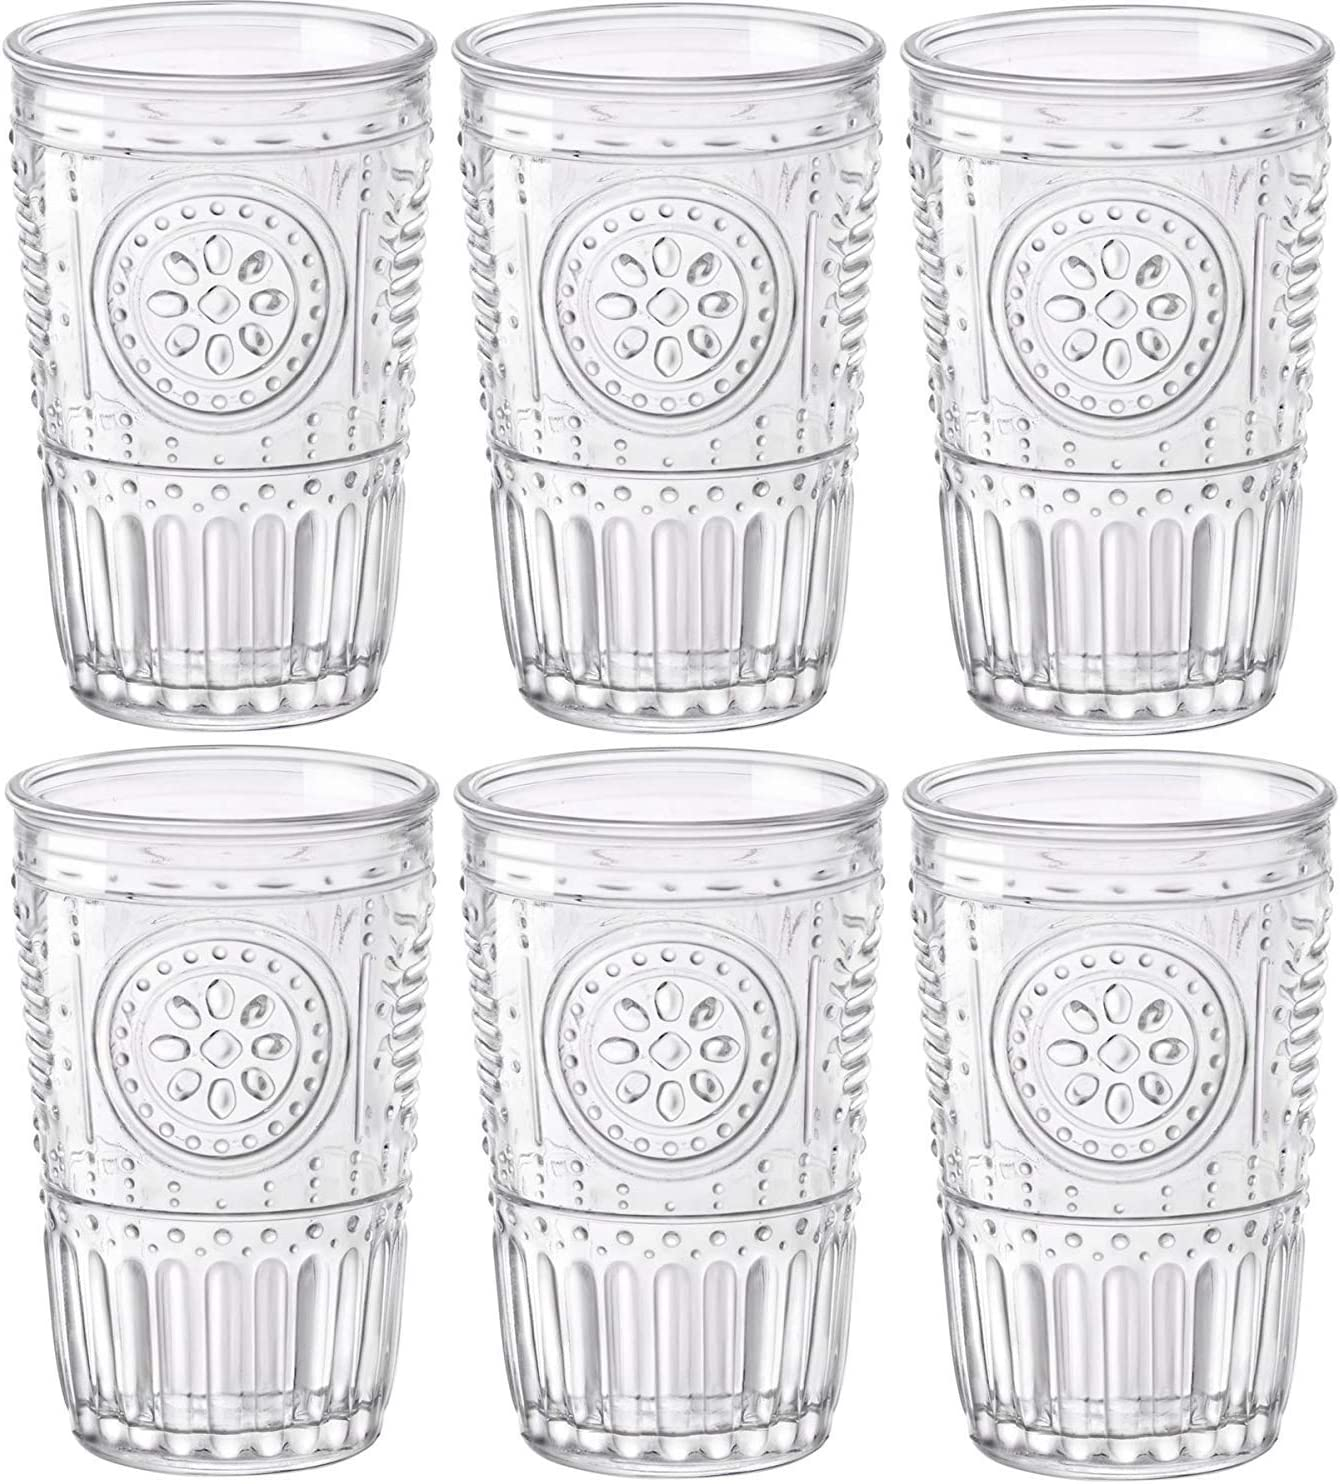 Bormioli Rocco Romantic Juego de 6 Vasos 30,5 cl, Cristal Transparente, 8 x 8 x 12,5 cm